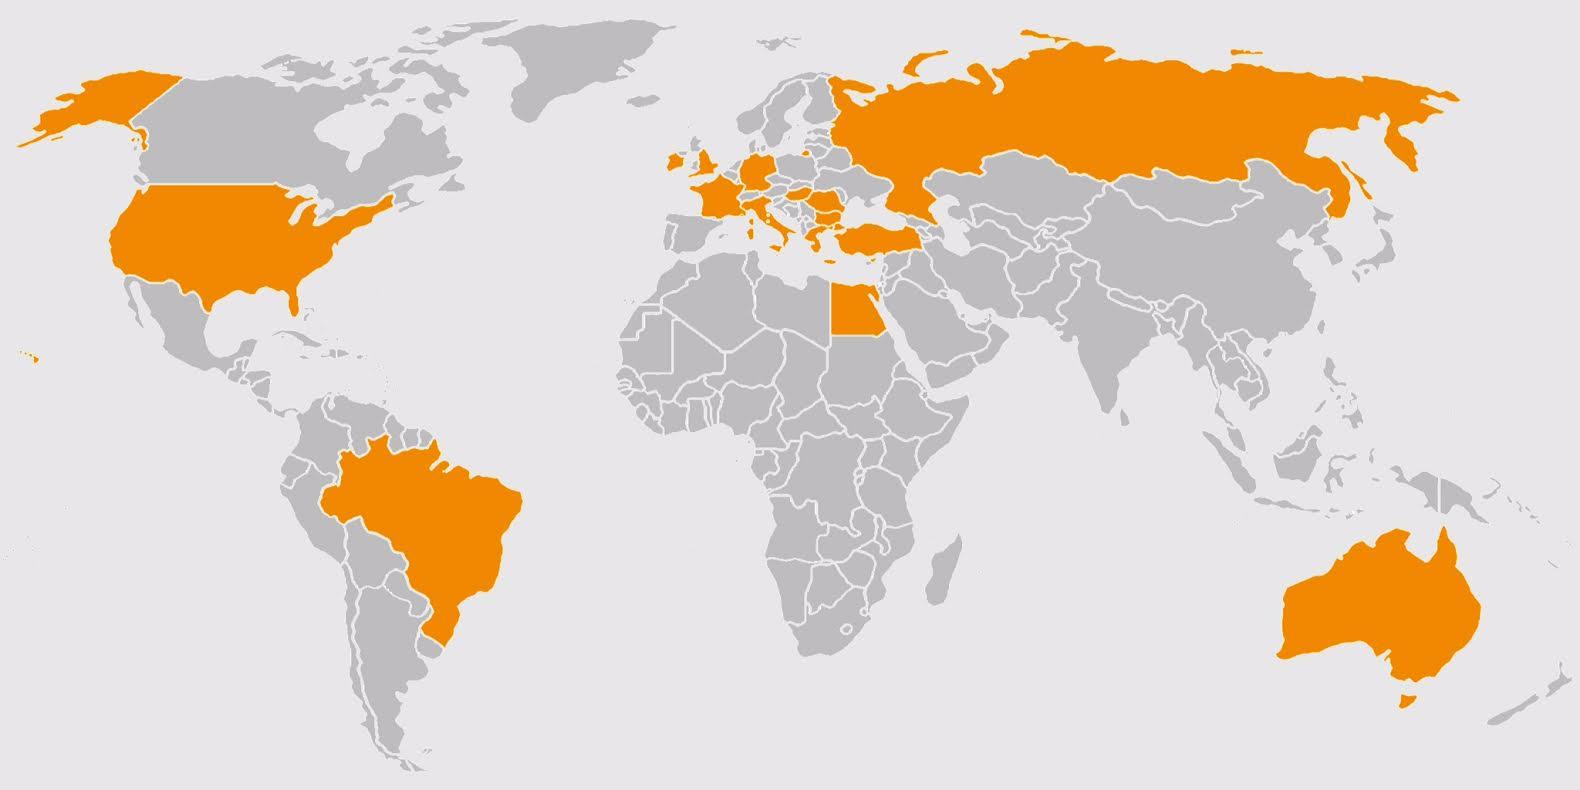 Gittiğiniz ülkeleri Seçip Kişisel Haritanızı Görebileceğiniz Iphone